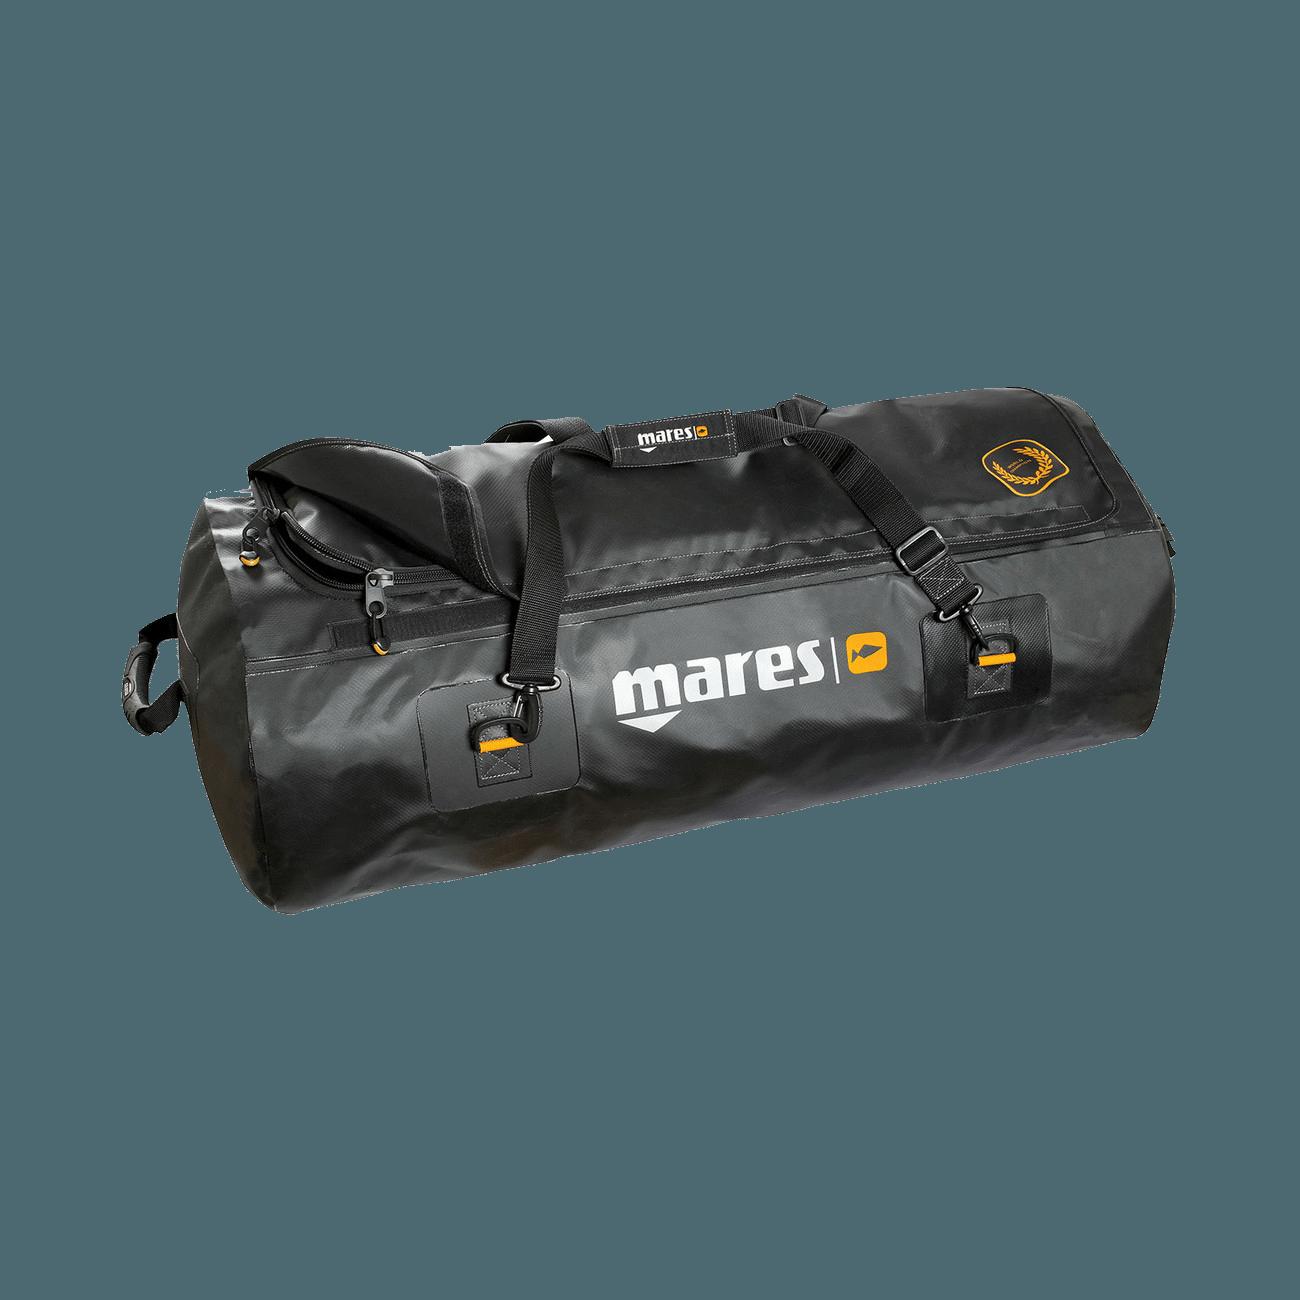 Mares Attack Titan Bag | Mares Bags | Mares Singapore